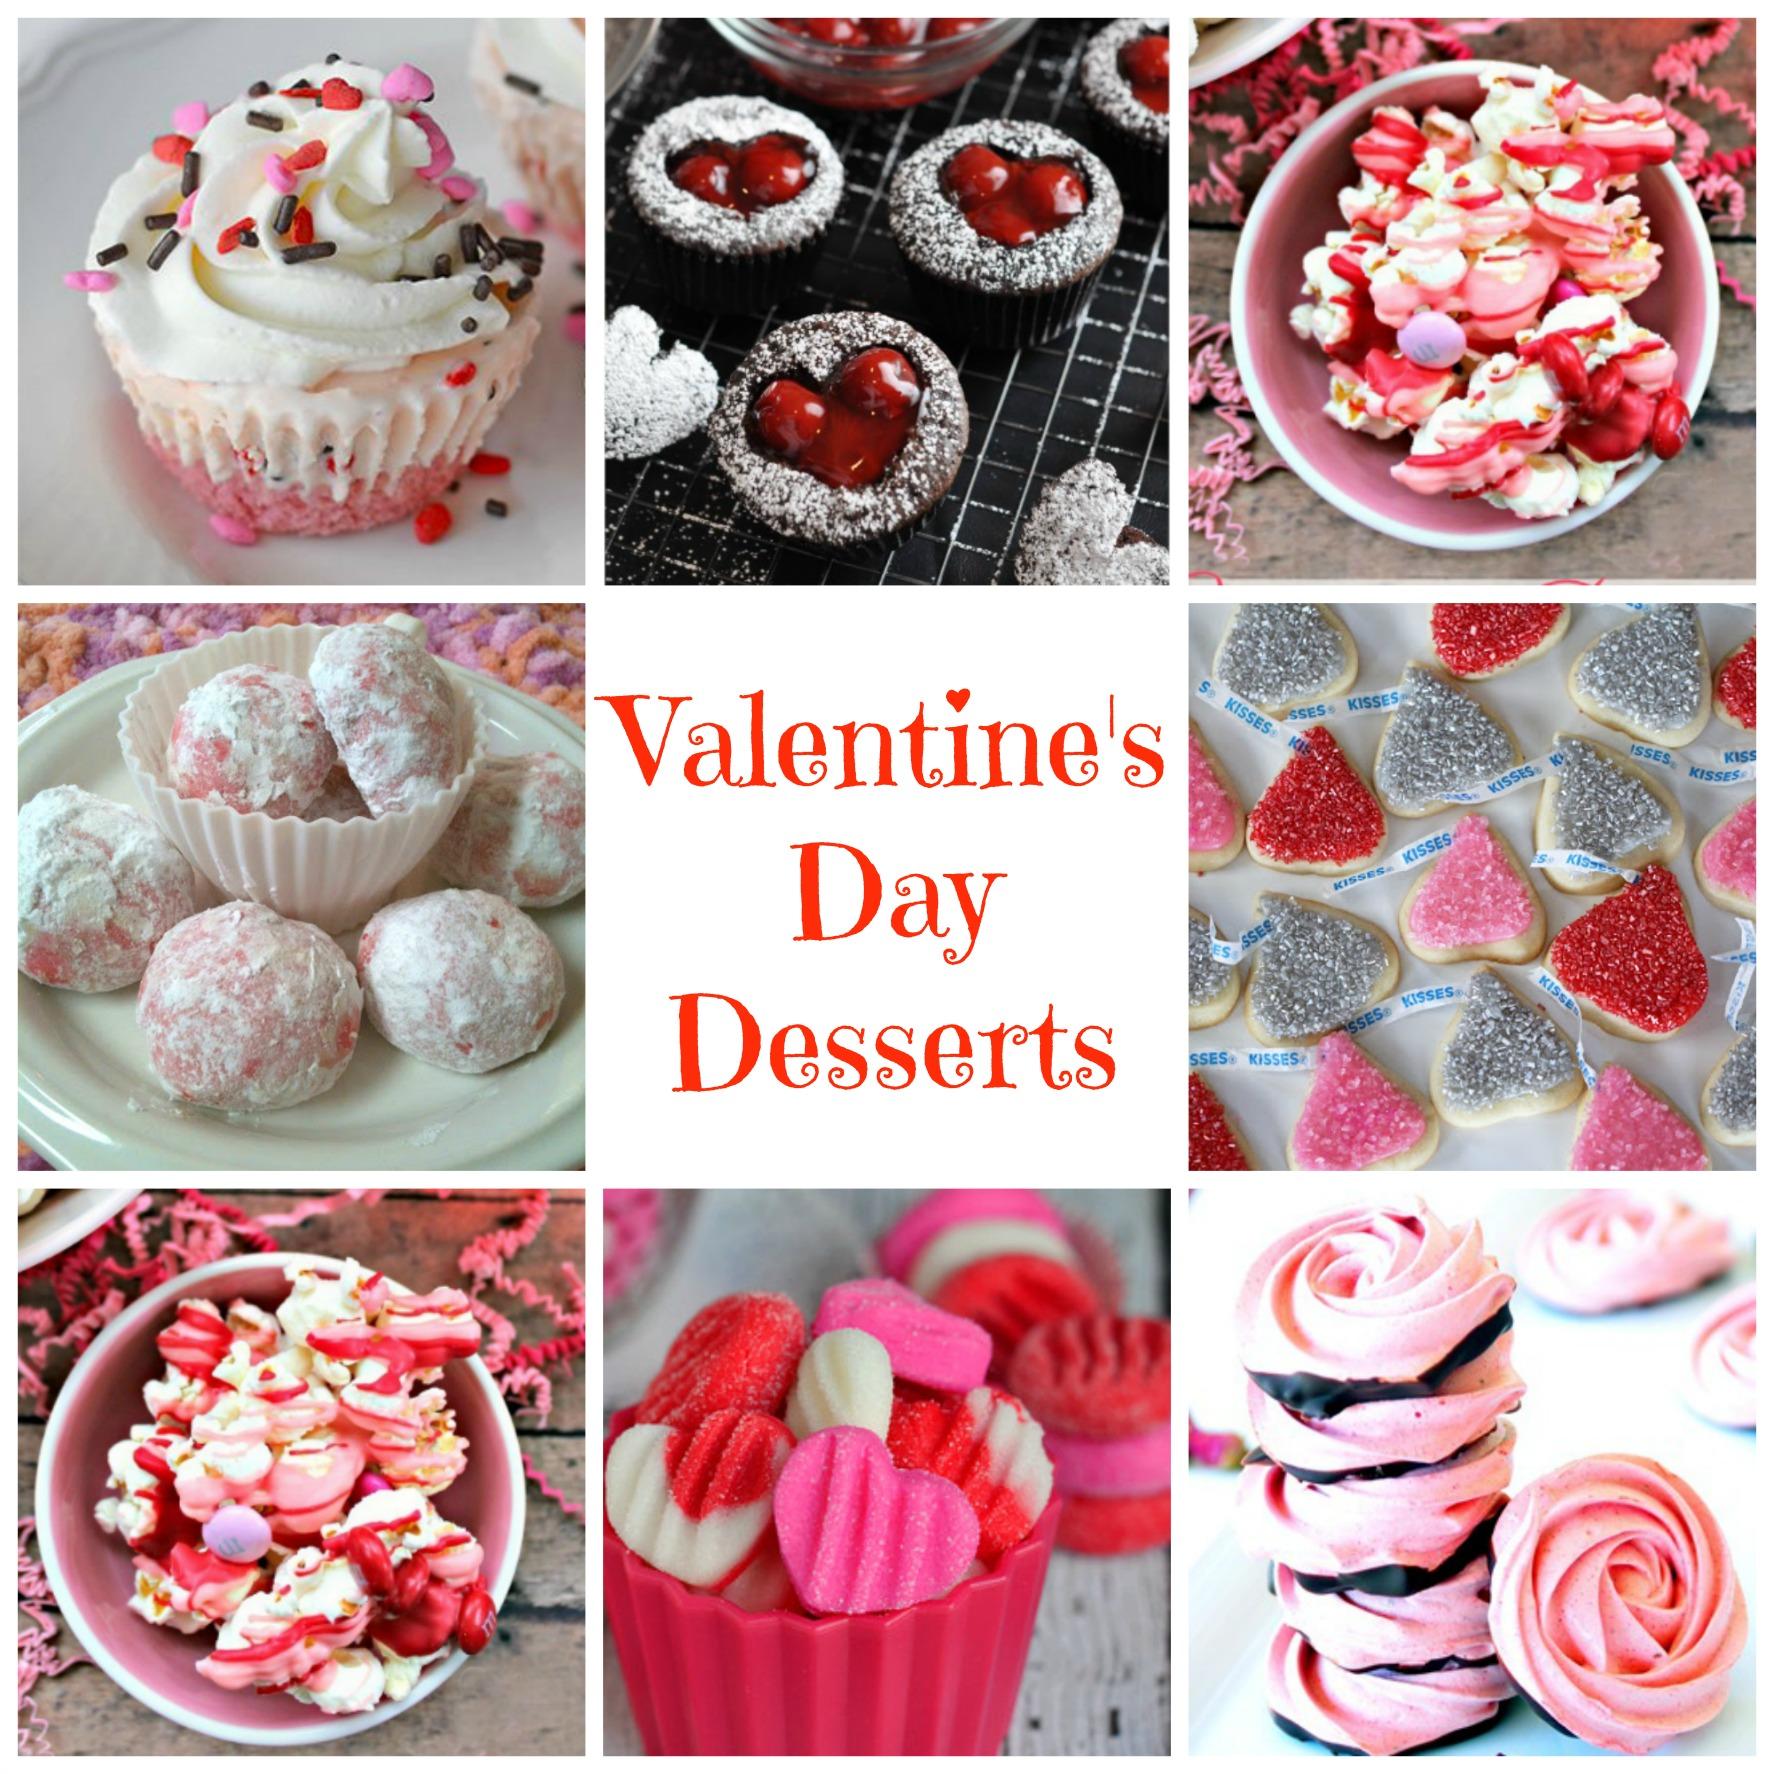 50 Valentine's Day Dessert Recipes - Dinner at the Zoo |Valentines Day Dessert Ideas